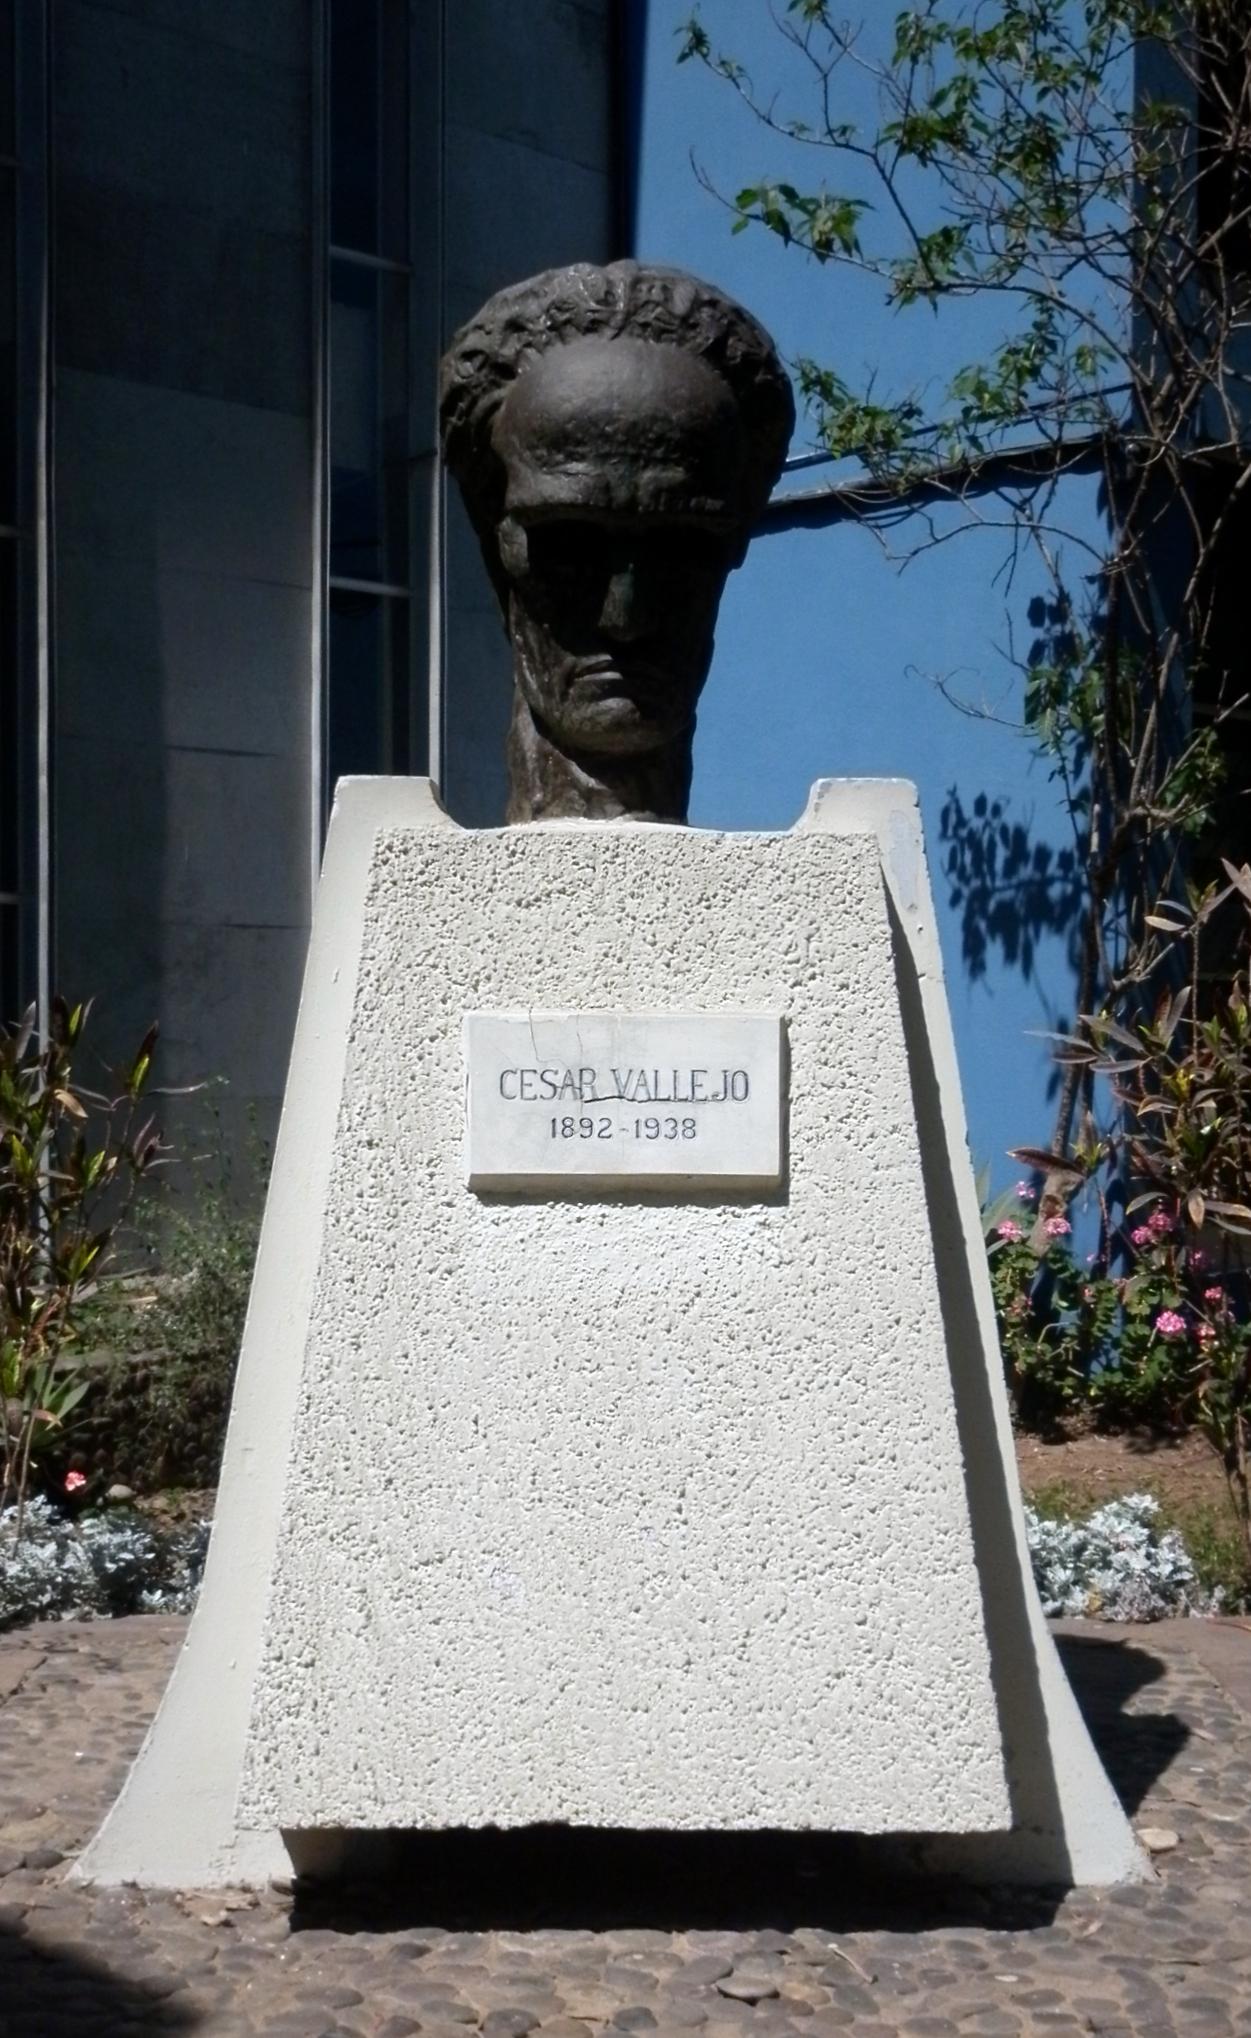 Monumento a César Vallejo en el exterior de la Facultad de Letras y Ciencias Humanas de la Universidad Nacional Mayor de San Marcos.